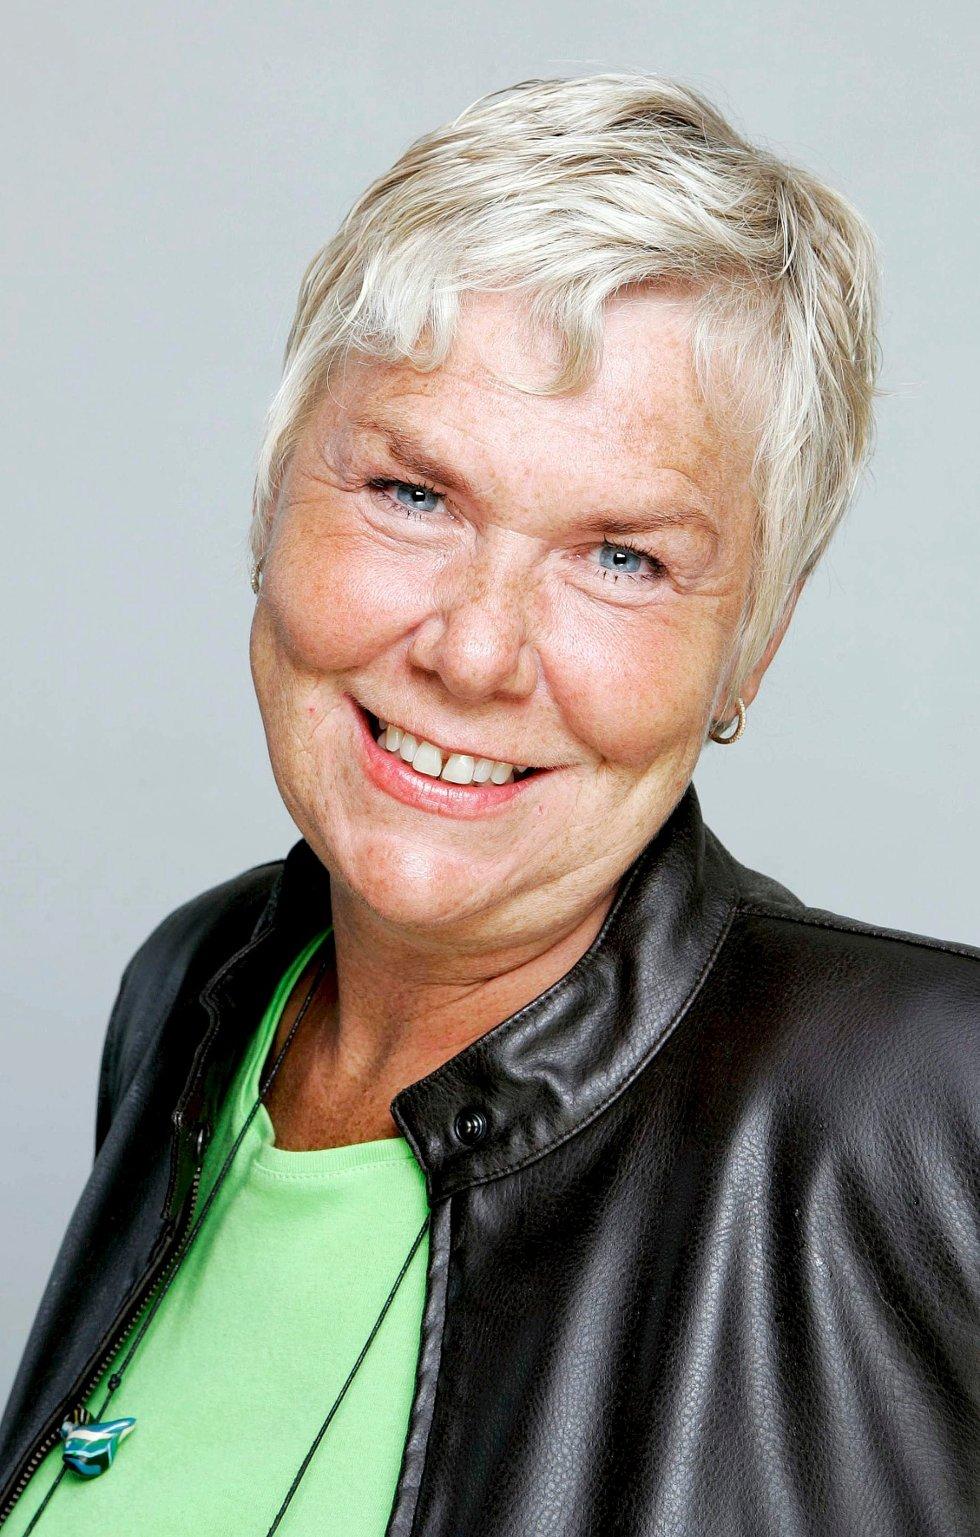 – ALVORLIG: Regiondirektør Hanne Luthen i Arbeidstilsynet Østfold og Akershus. FOTO: KOLONIHAGEN STUDIE AS